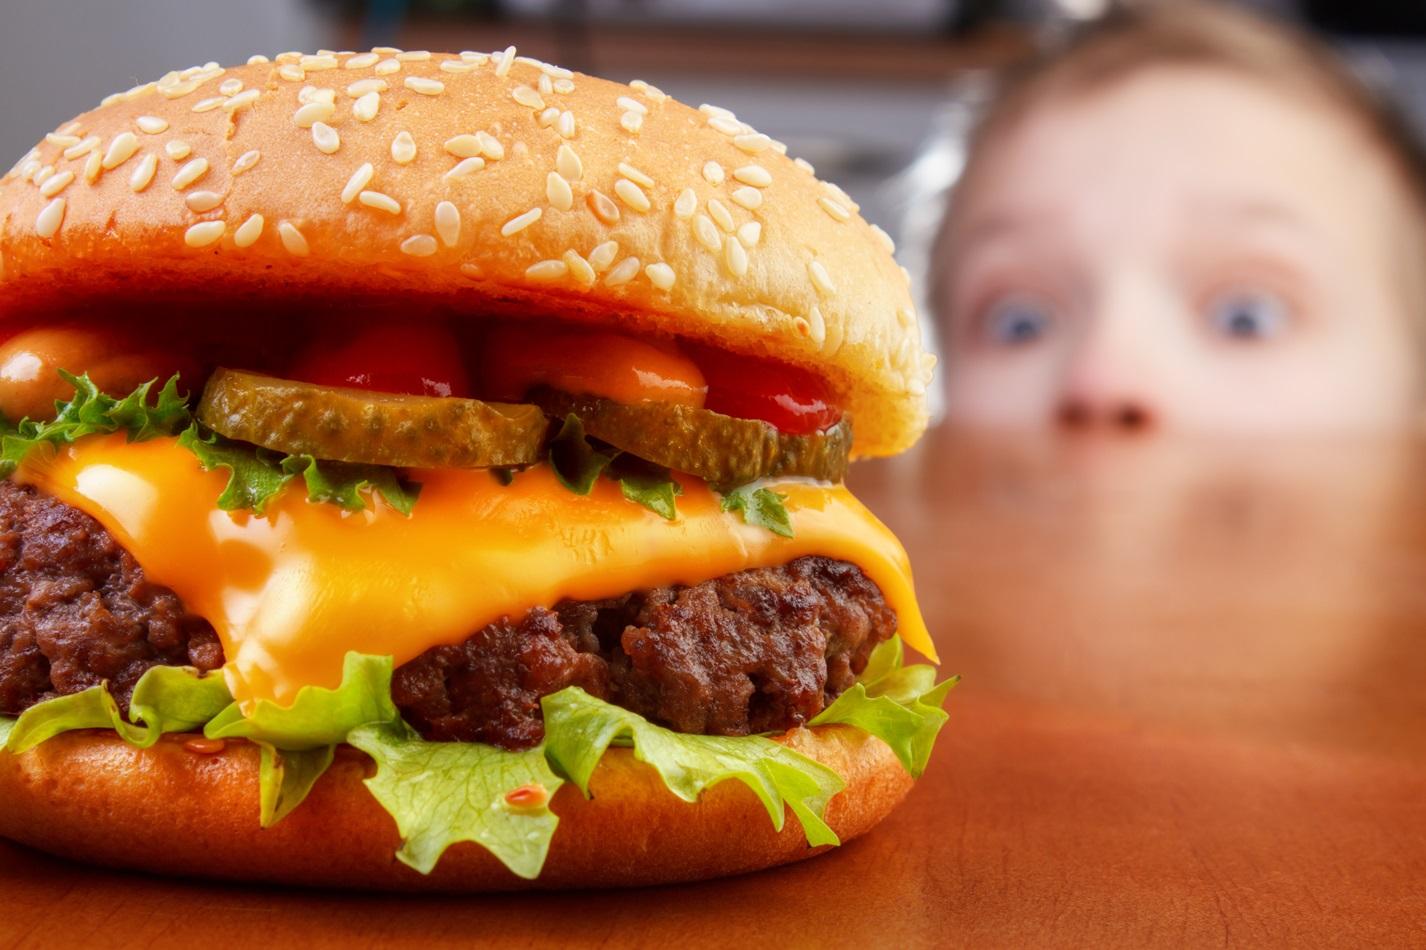 hamburger co zawiera